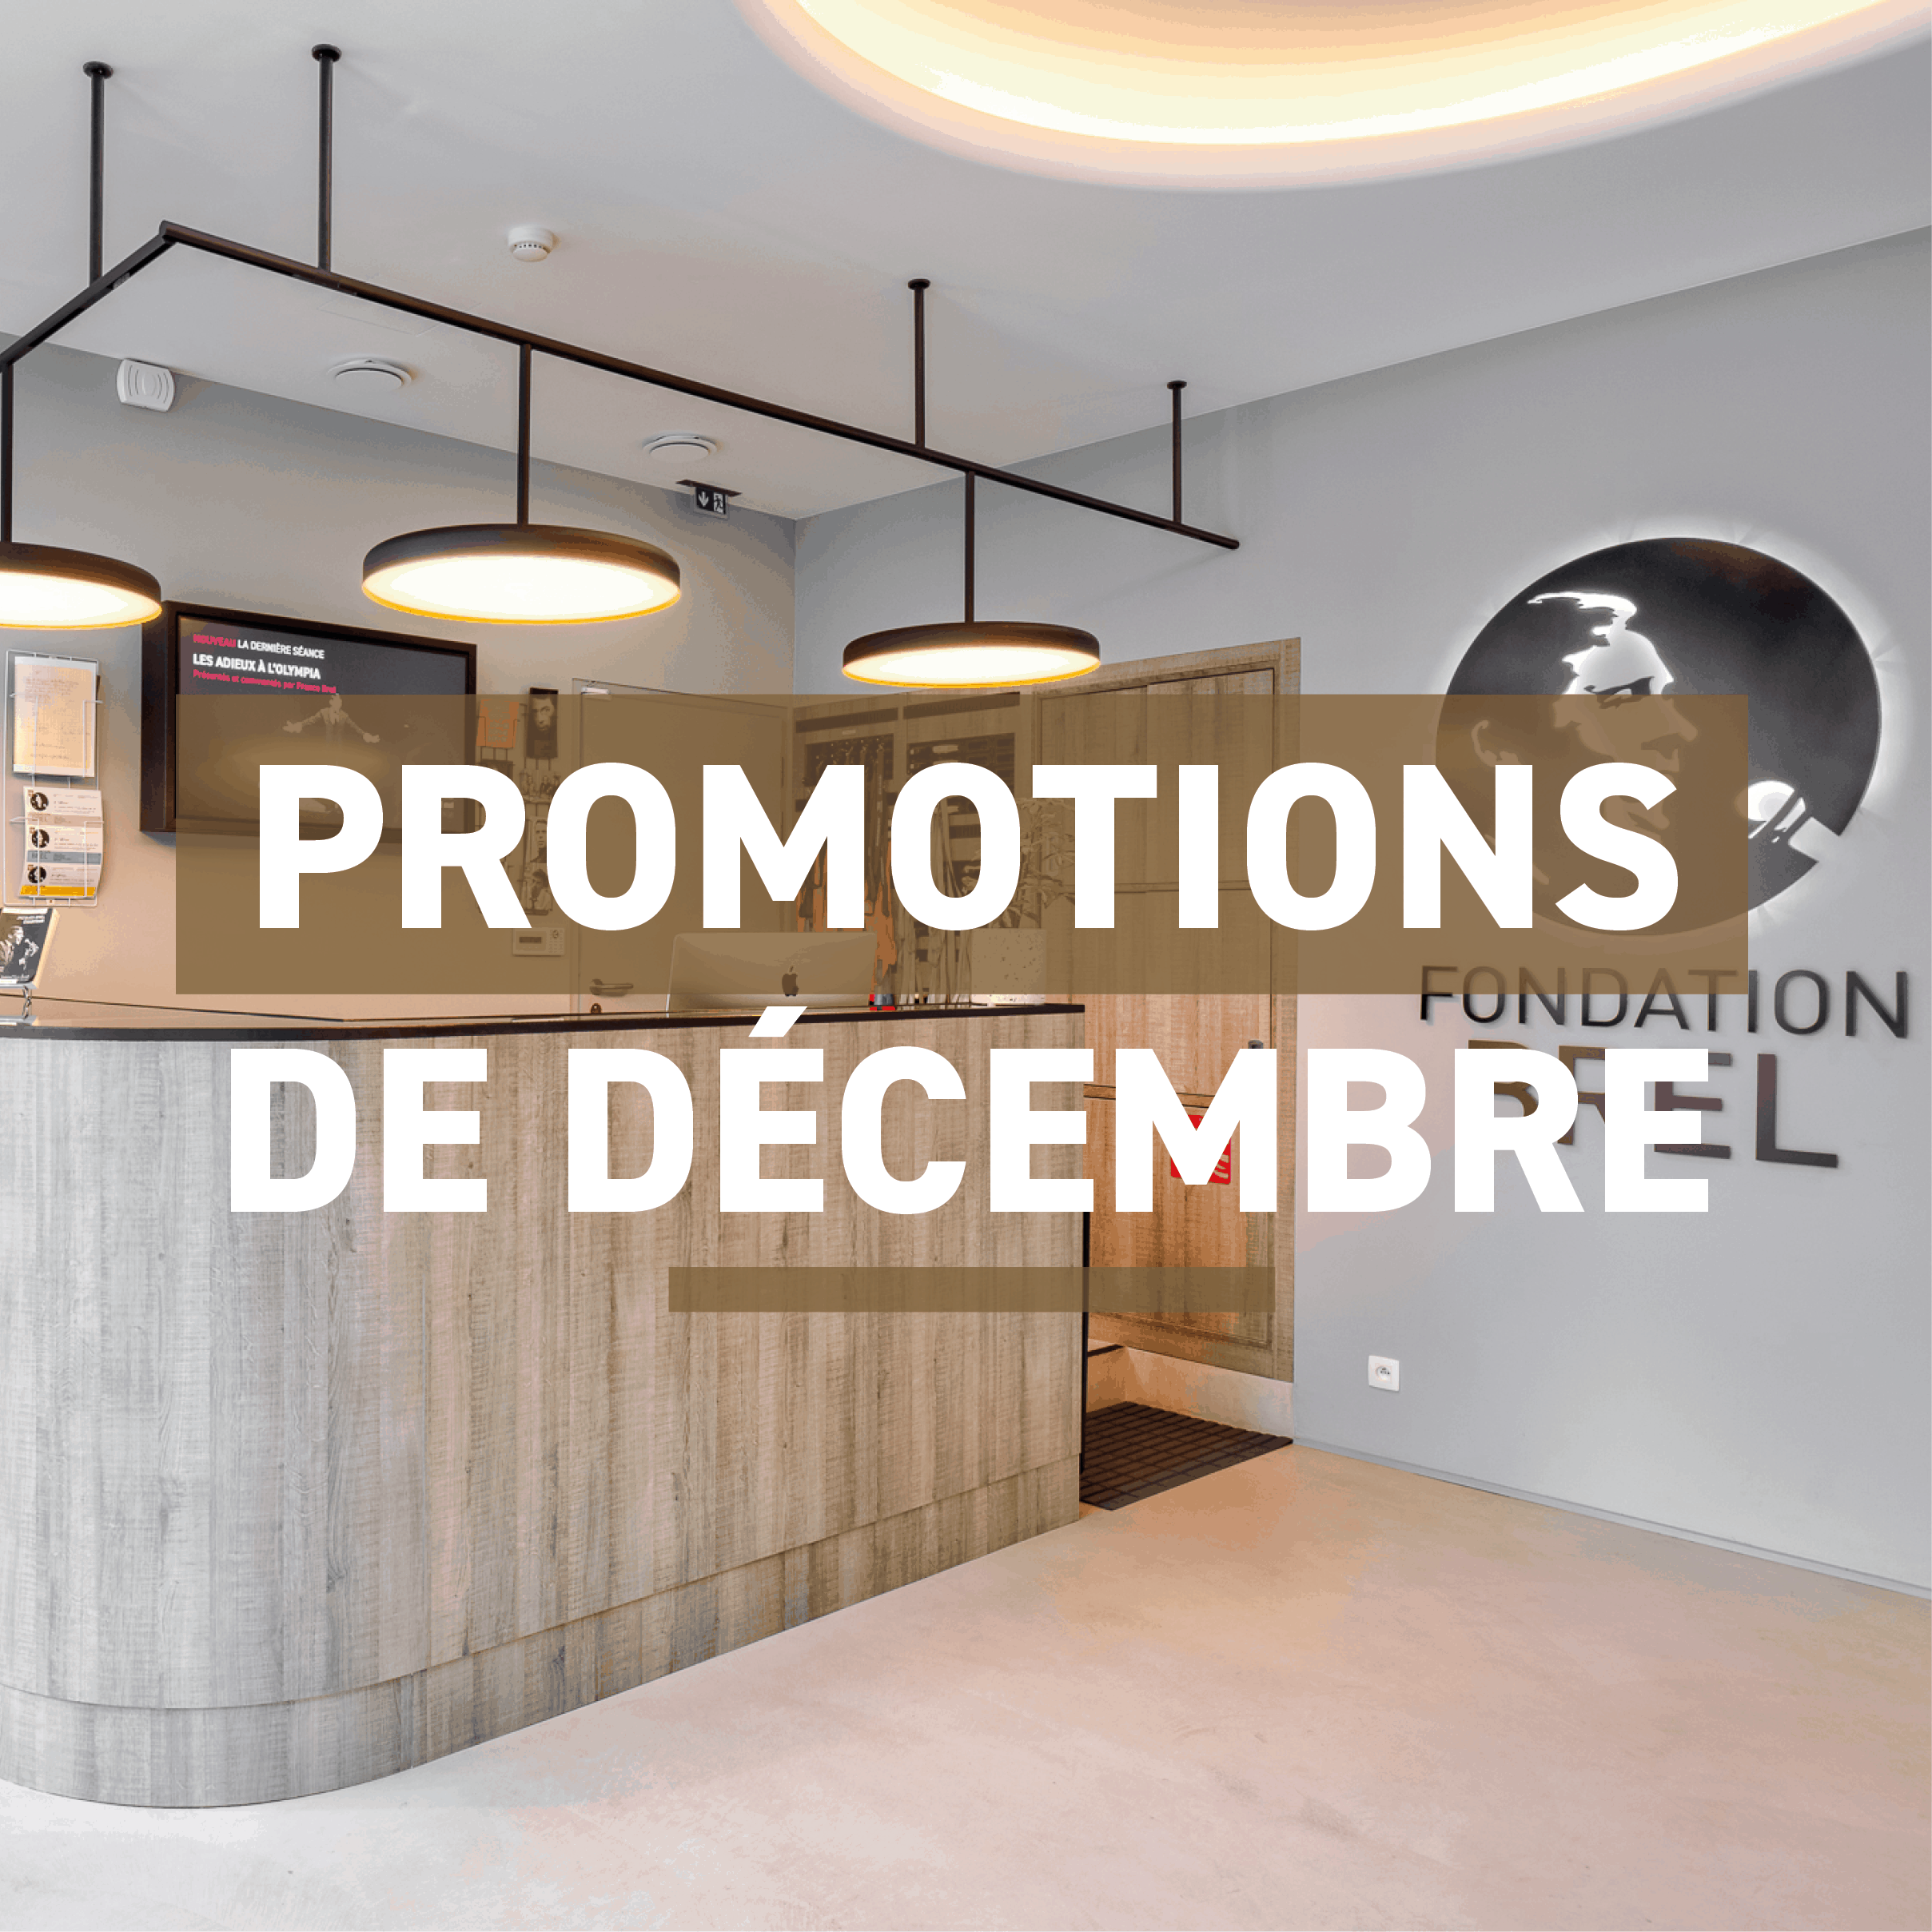 Promotions tous le mois de décembre dans la boutique !